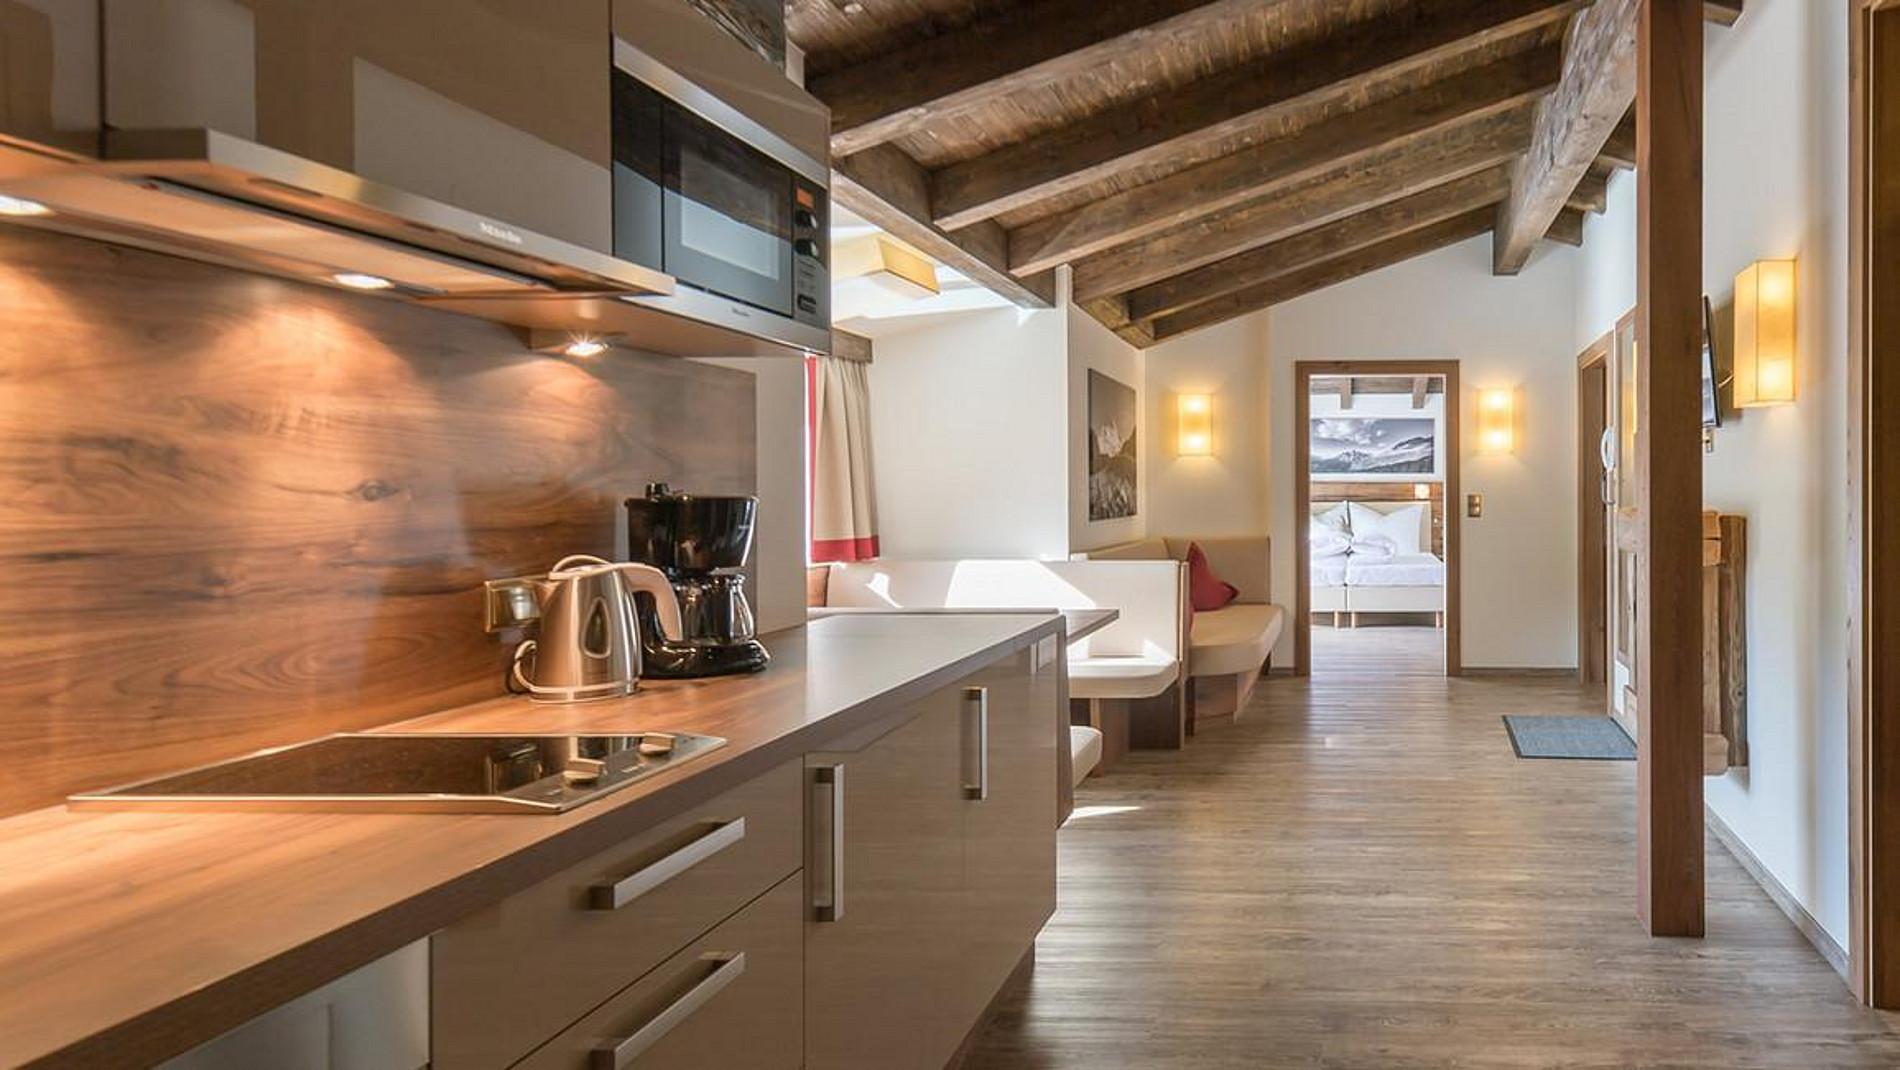 wohnzimmer t felung zirbendecken wohnwand tischlerei klotz qualit t nach ma. Black Bedroom Furniture Sets. Home Design Ideas